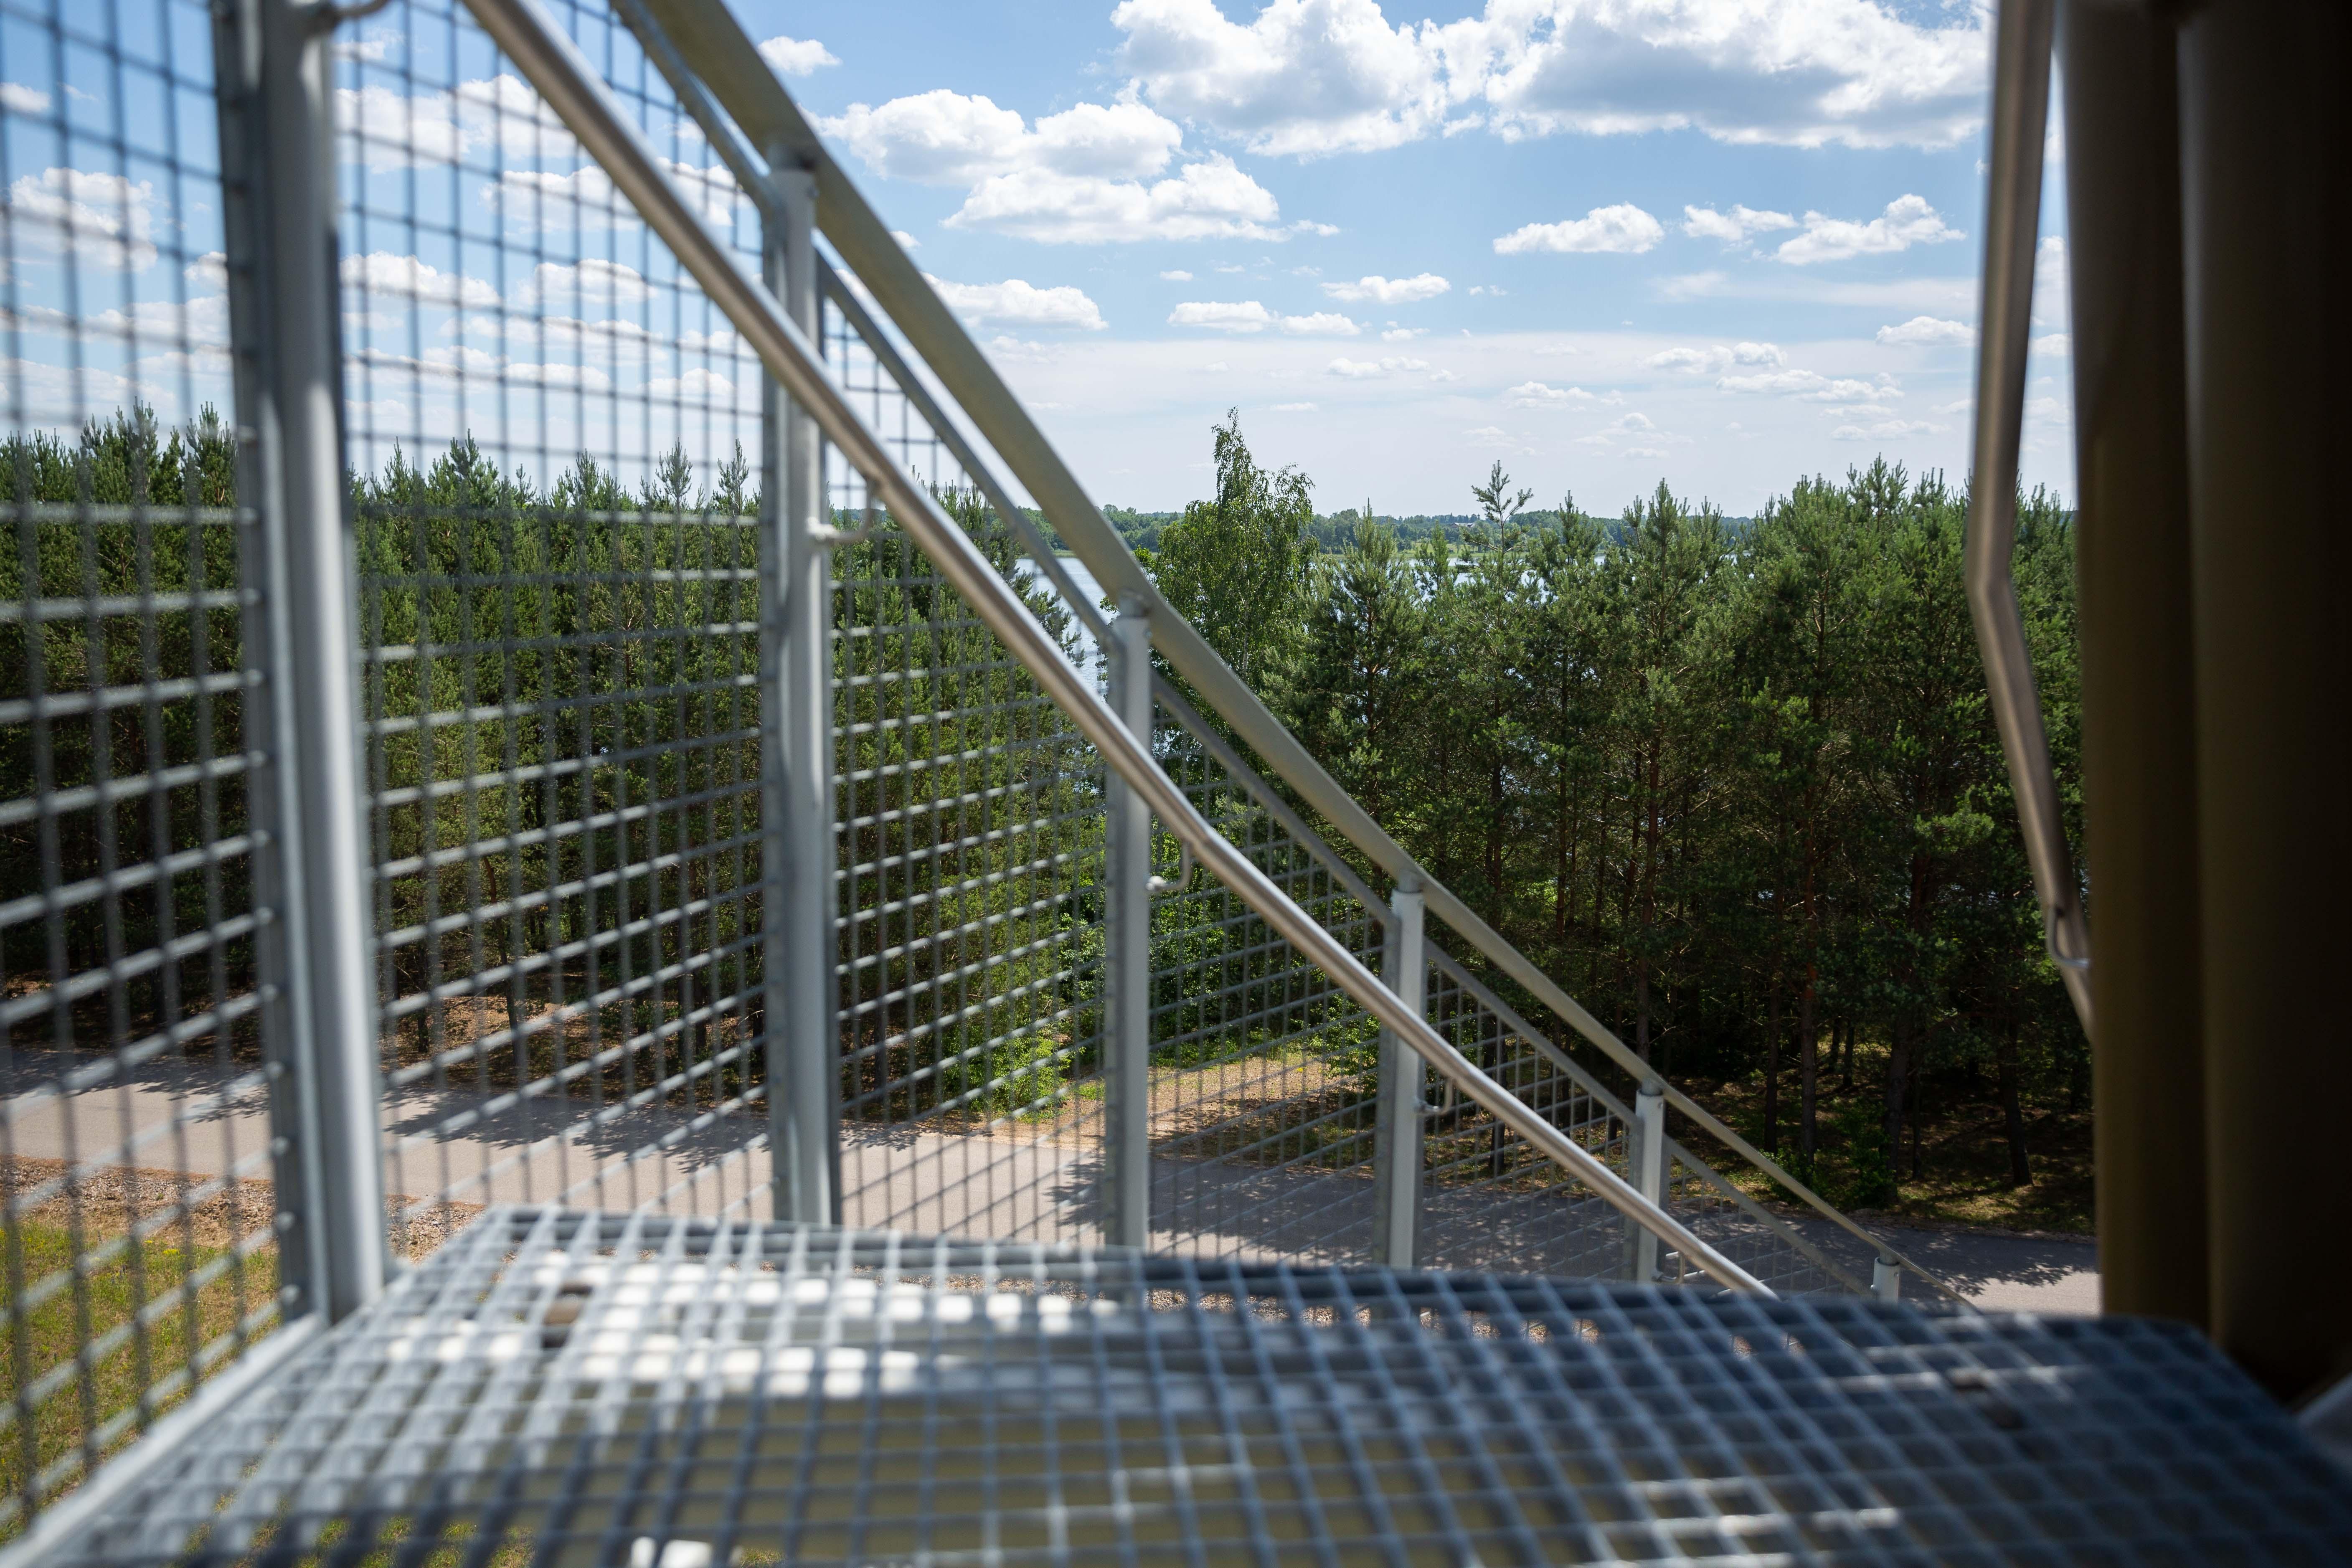 Ne veltui mažytėje Lietuvoje įkurta net 30 regioninių bei 5 nacionaliniai parkai. Kiekviename iš jų saugomi saviti, tik tam kraštui būdingi, gamtos turtai.